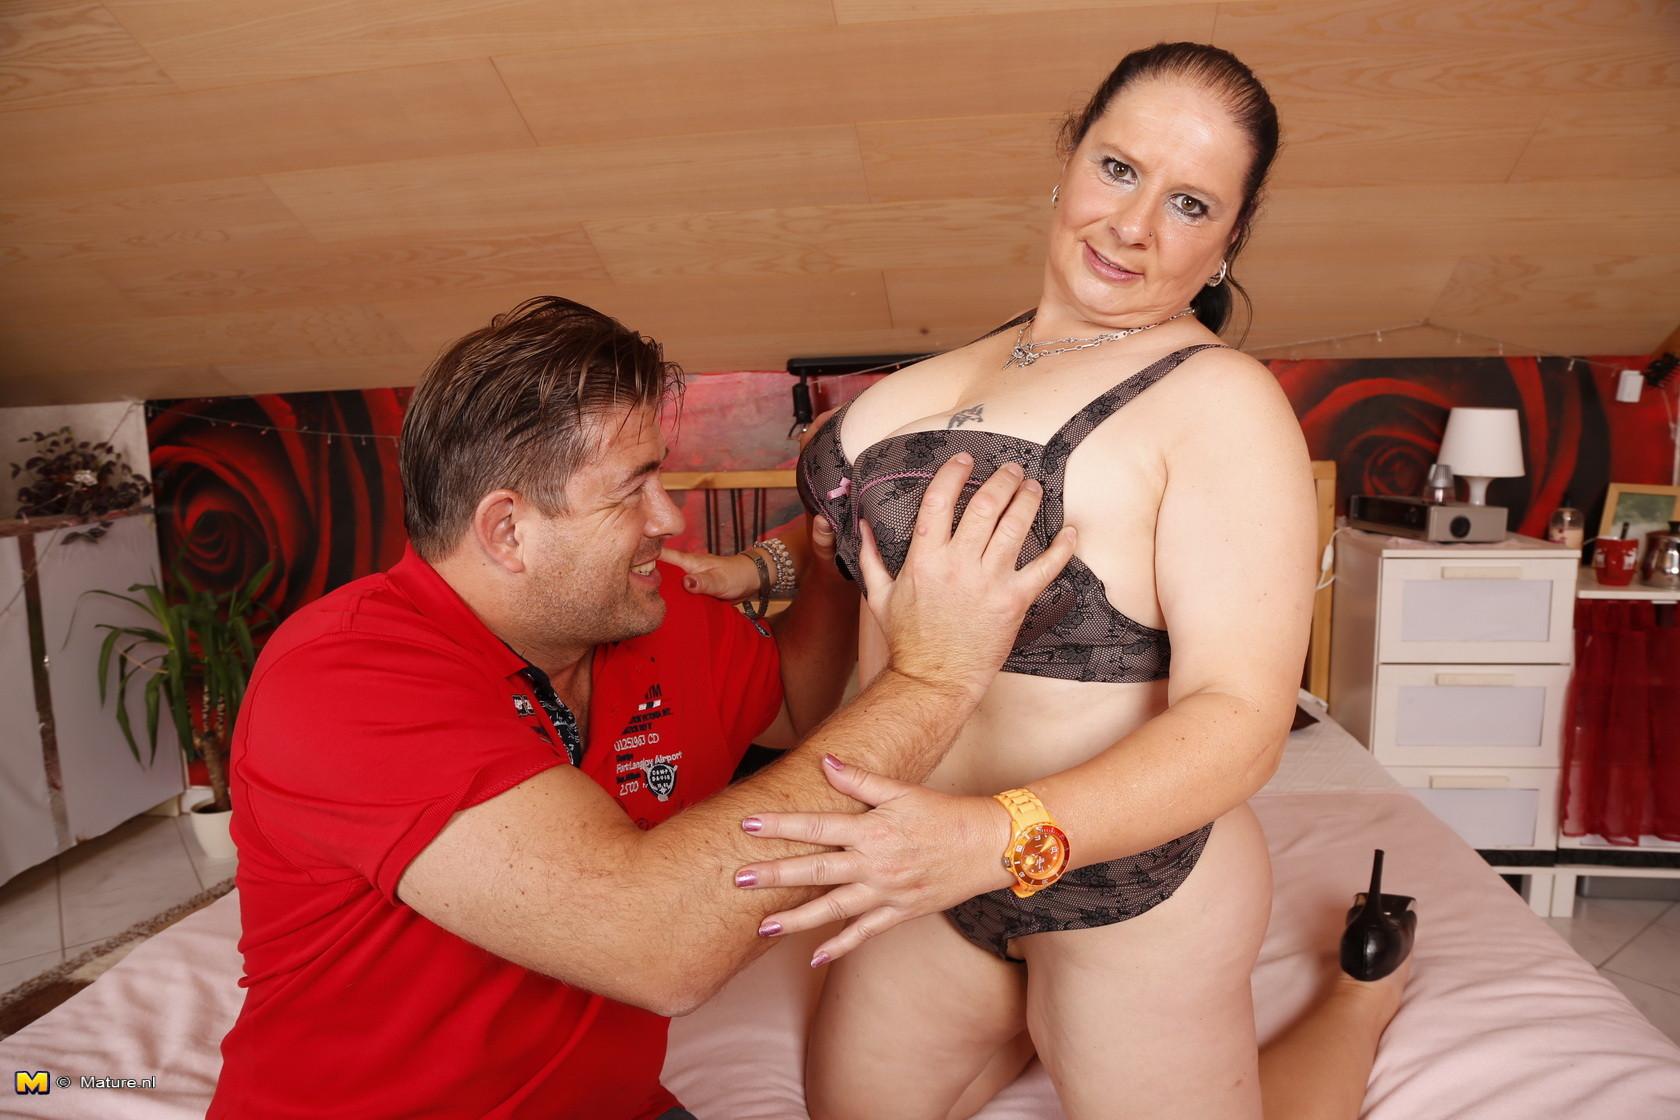 Зрелая женщина позволяет лапать себя за огромные буфера и, похоже, ей это очень нравится